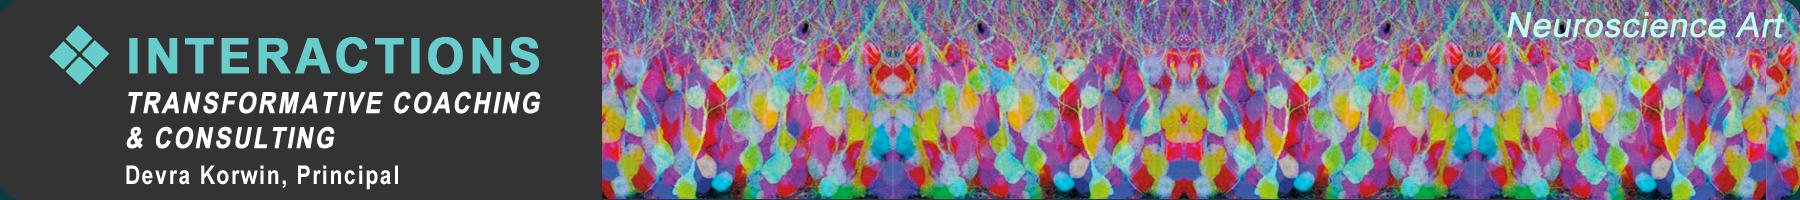 Neuroscience Art